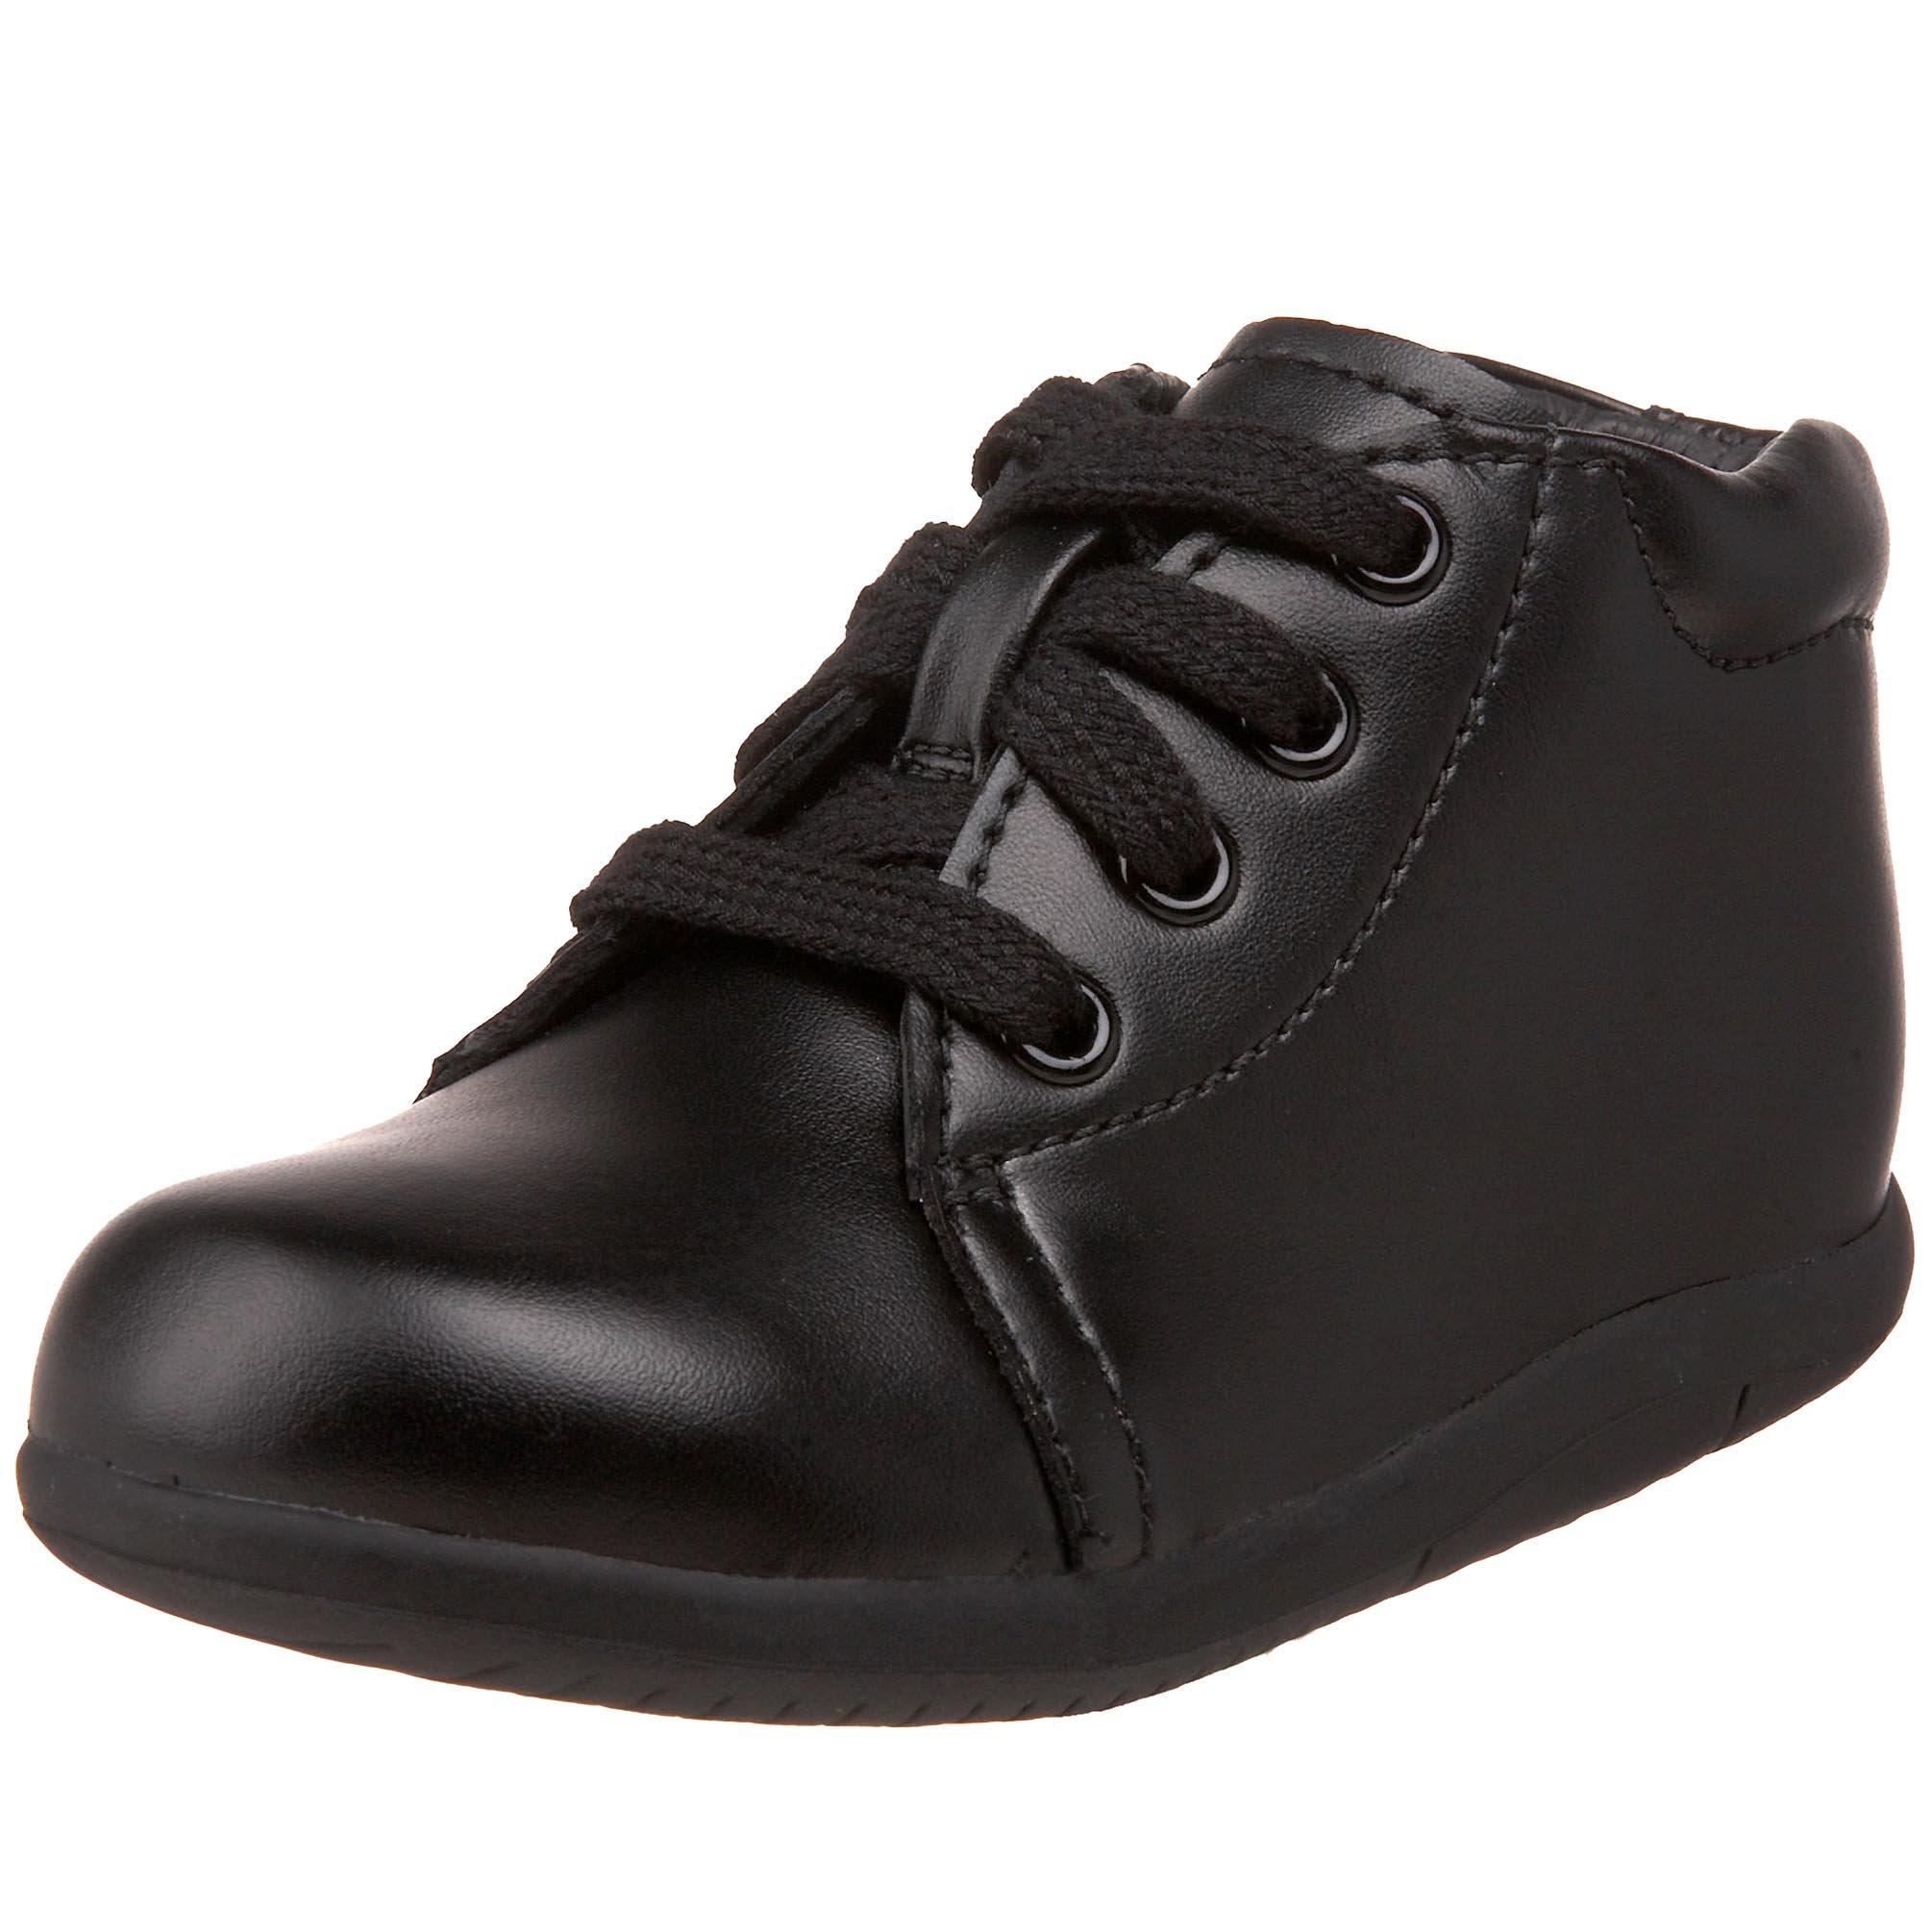 Stride Rite SRTech Elliot Bootie (Infant/Toddler),Black Leather,4 W US Toddler